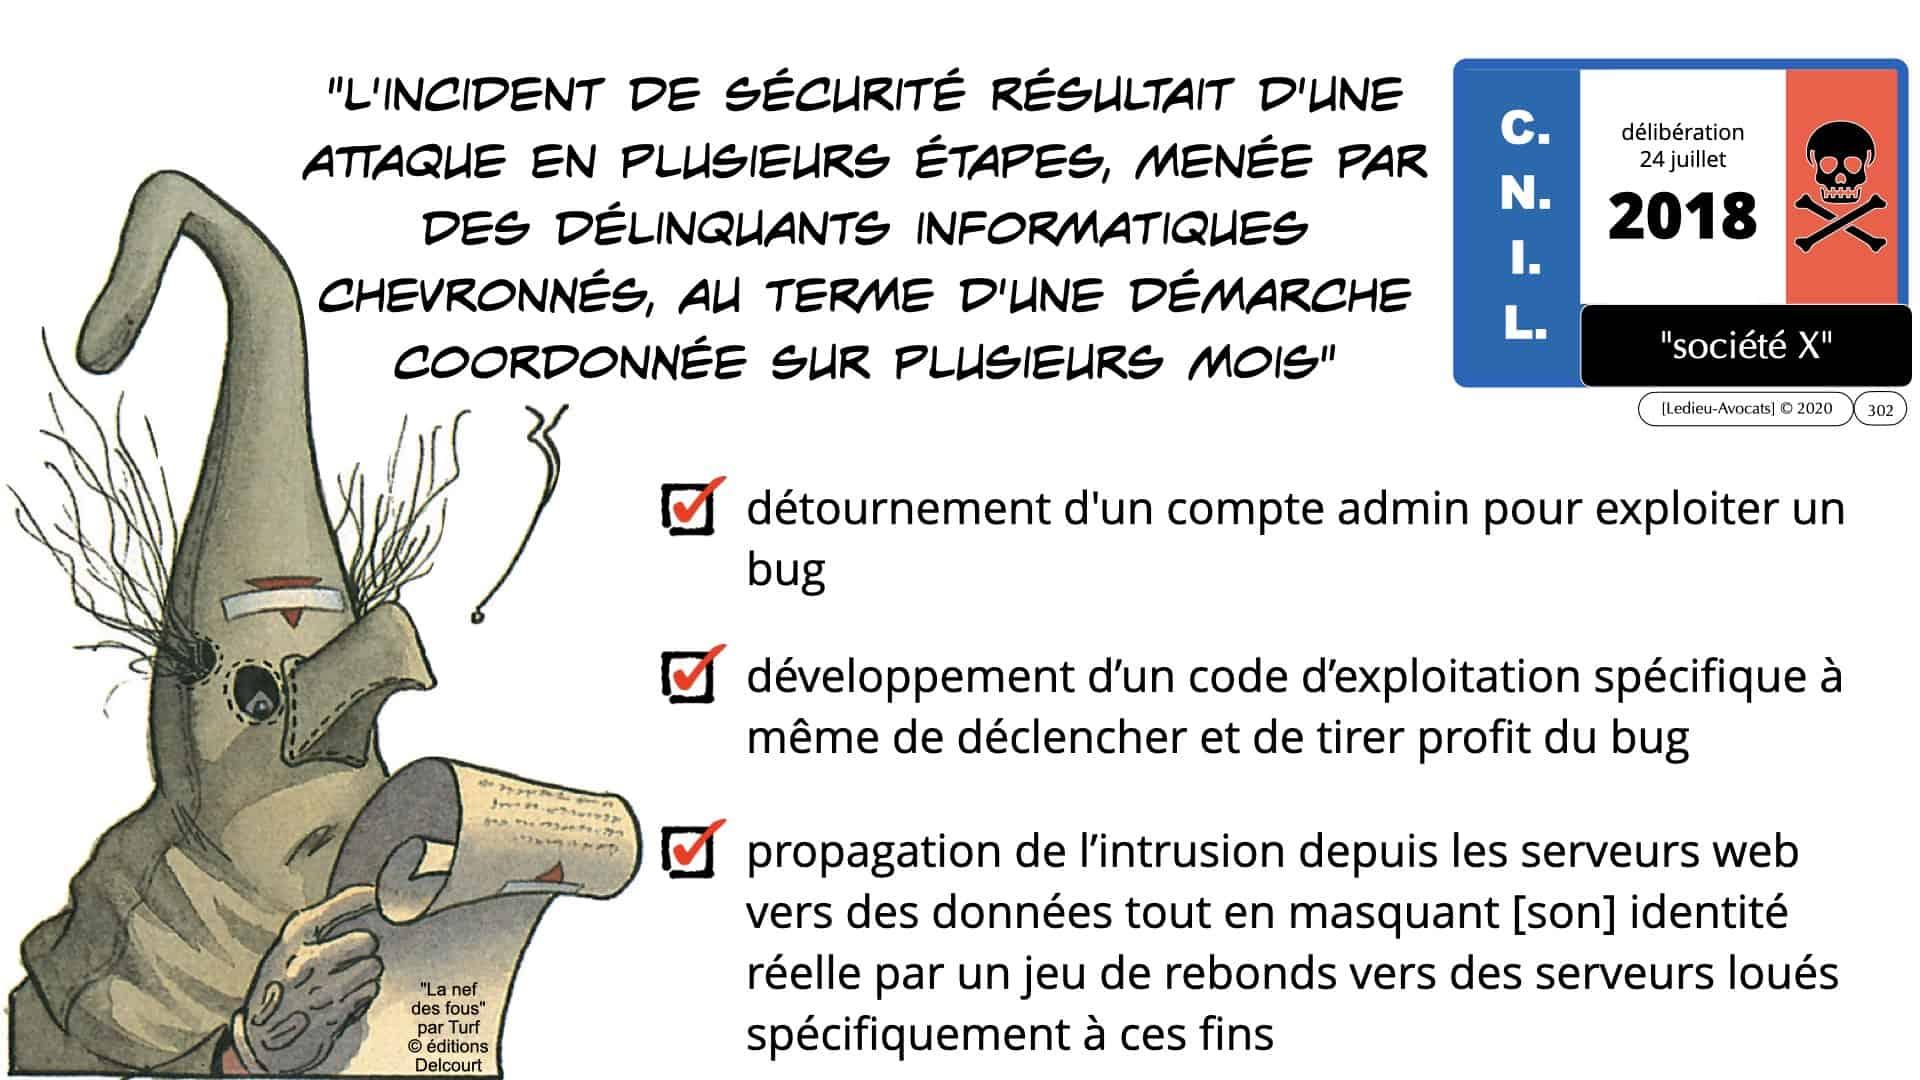 RGPD e-Privacy données personnelles jurisprudence formation Lamy Les Echos 10-02-2021 ©Ledieu-Avocats.302